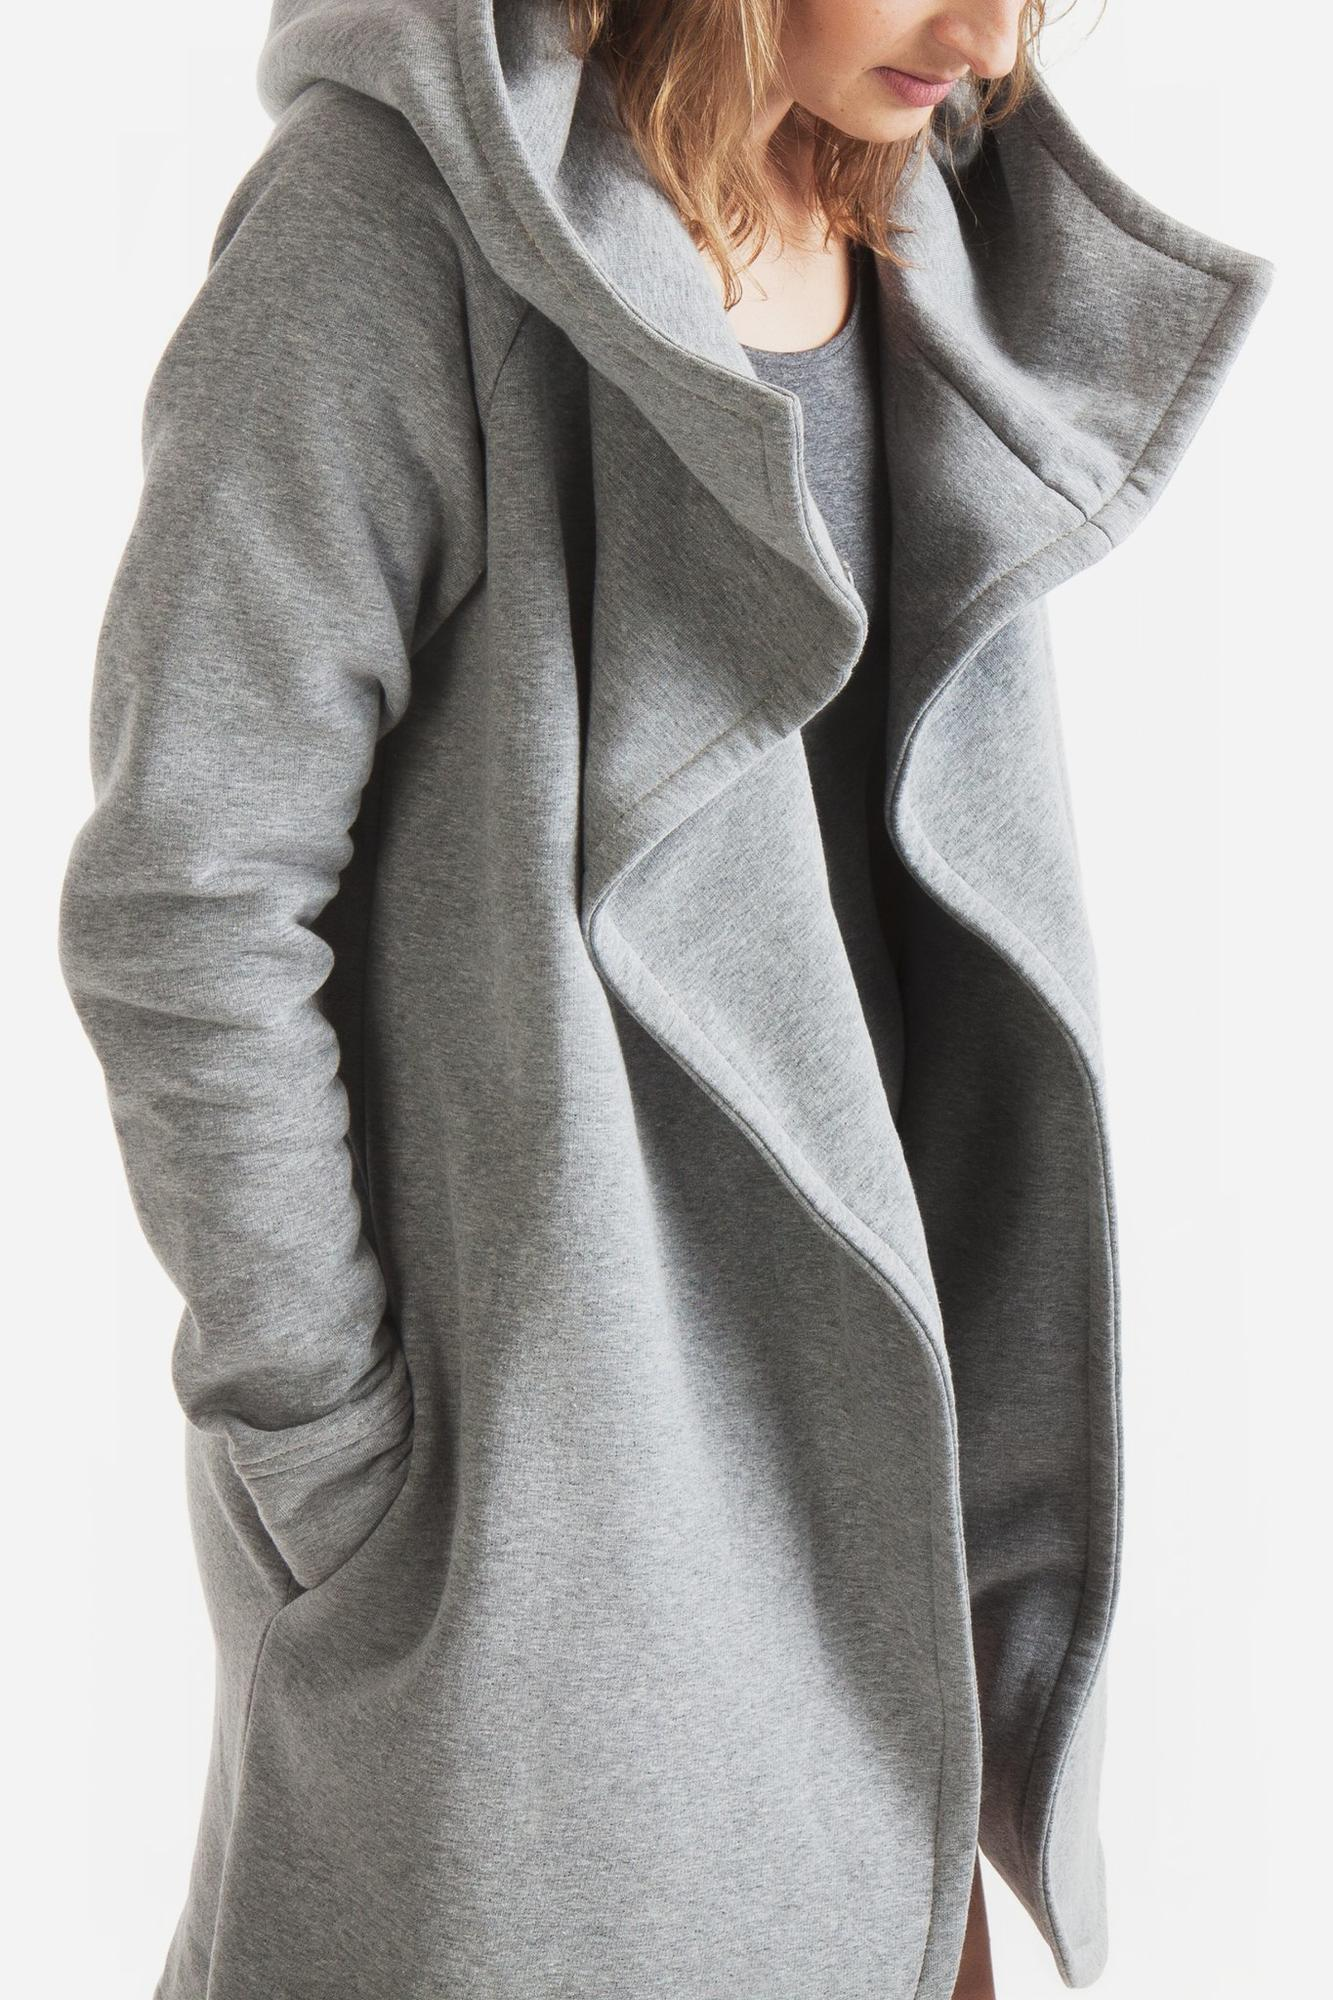 Płaszcz szary damski A05 - BIJU